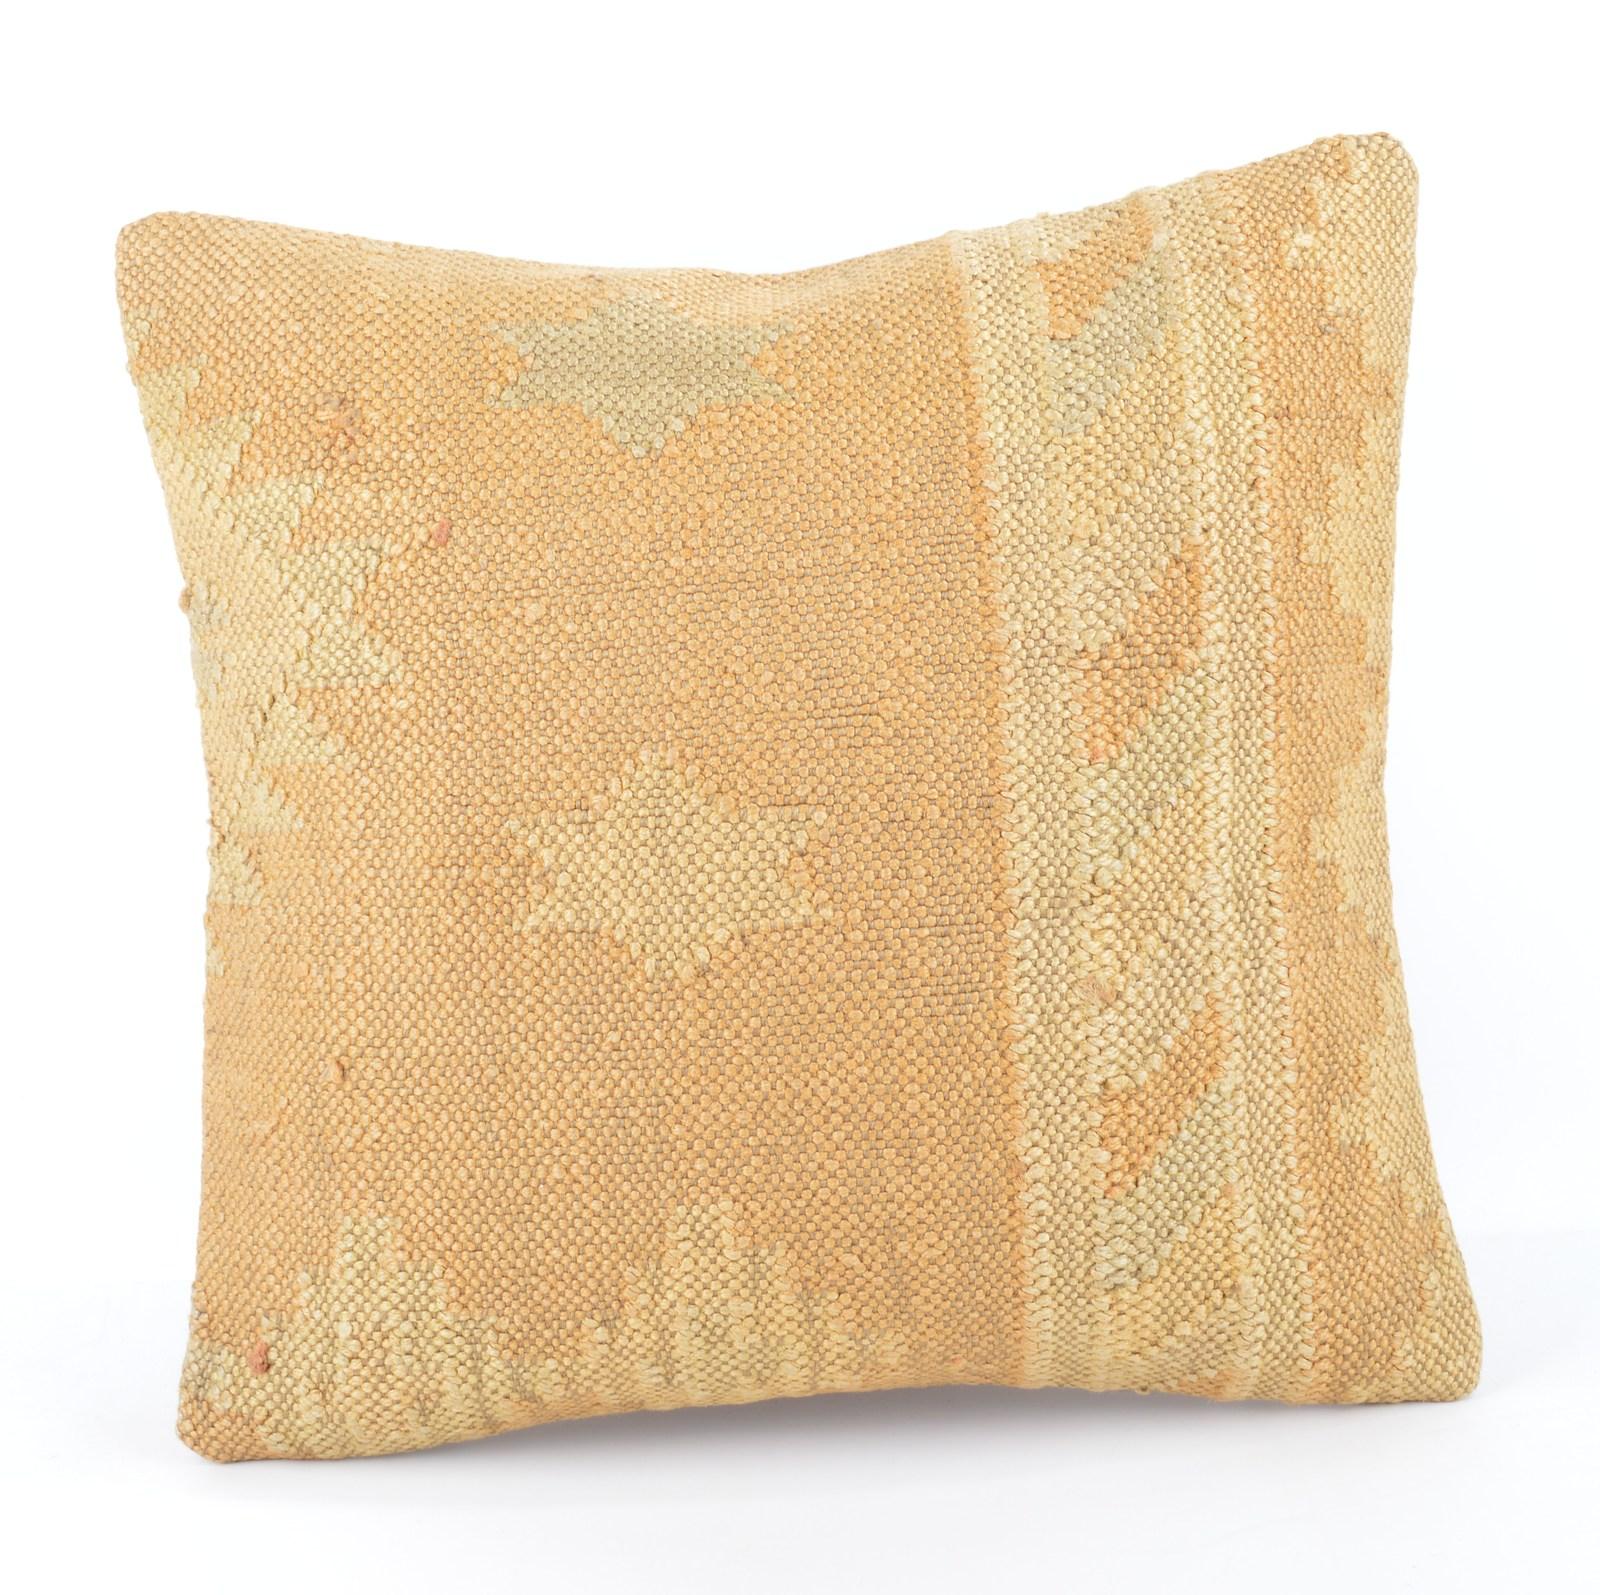 throw pillow - throw Kilim Pillow- throw rug,throw gold pillow,throw cushions - Pillows